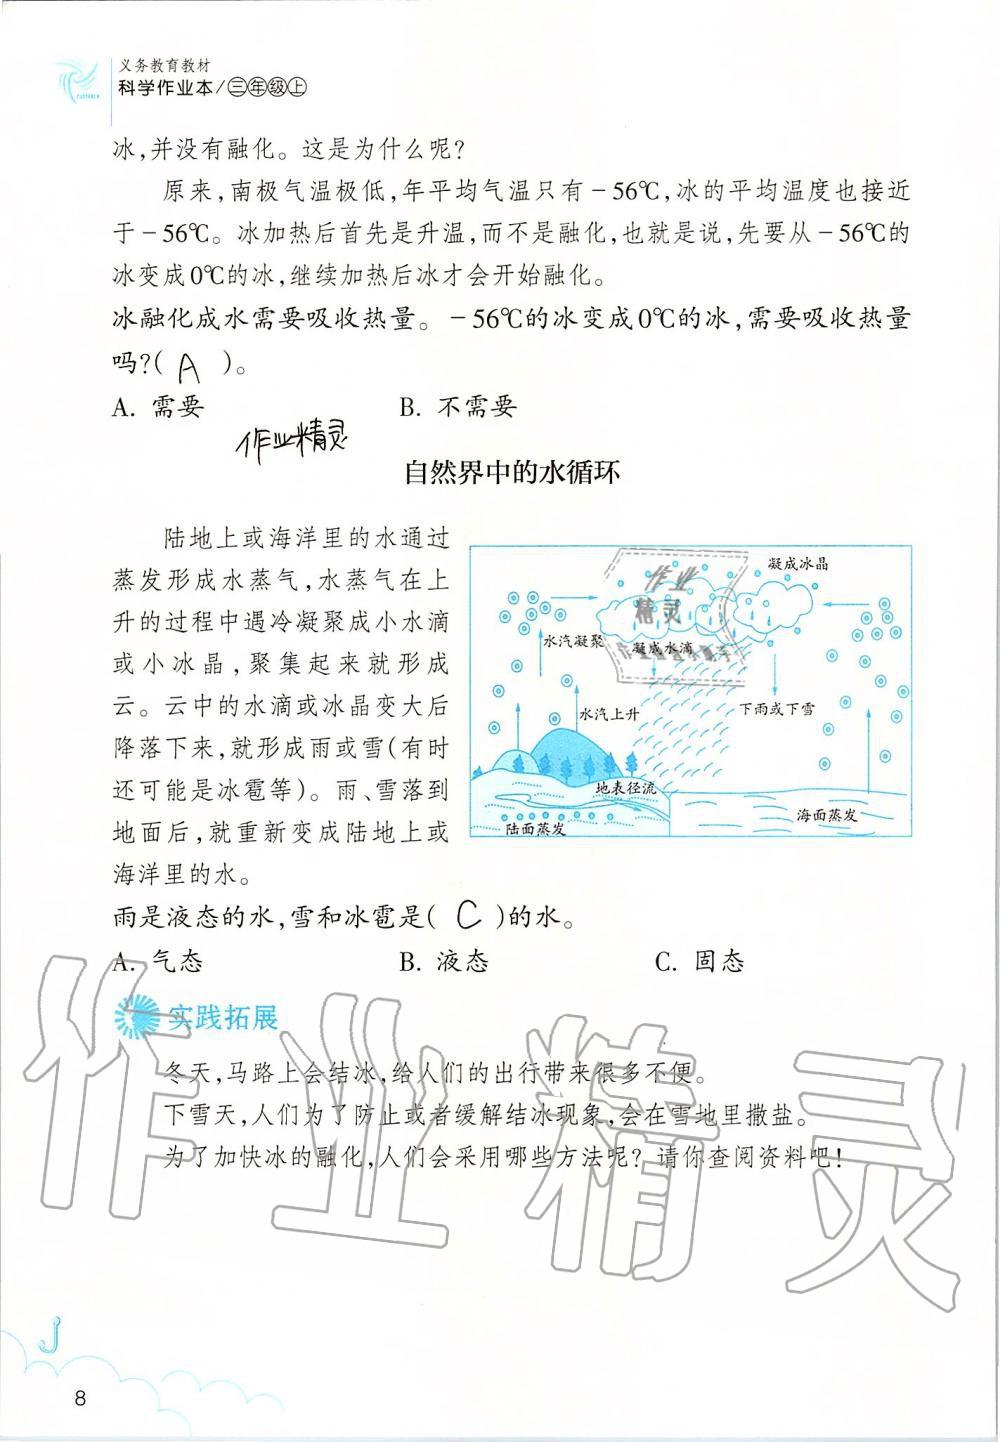 2019年科学作业本三年级上册教科版浙江教育出版社第8页